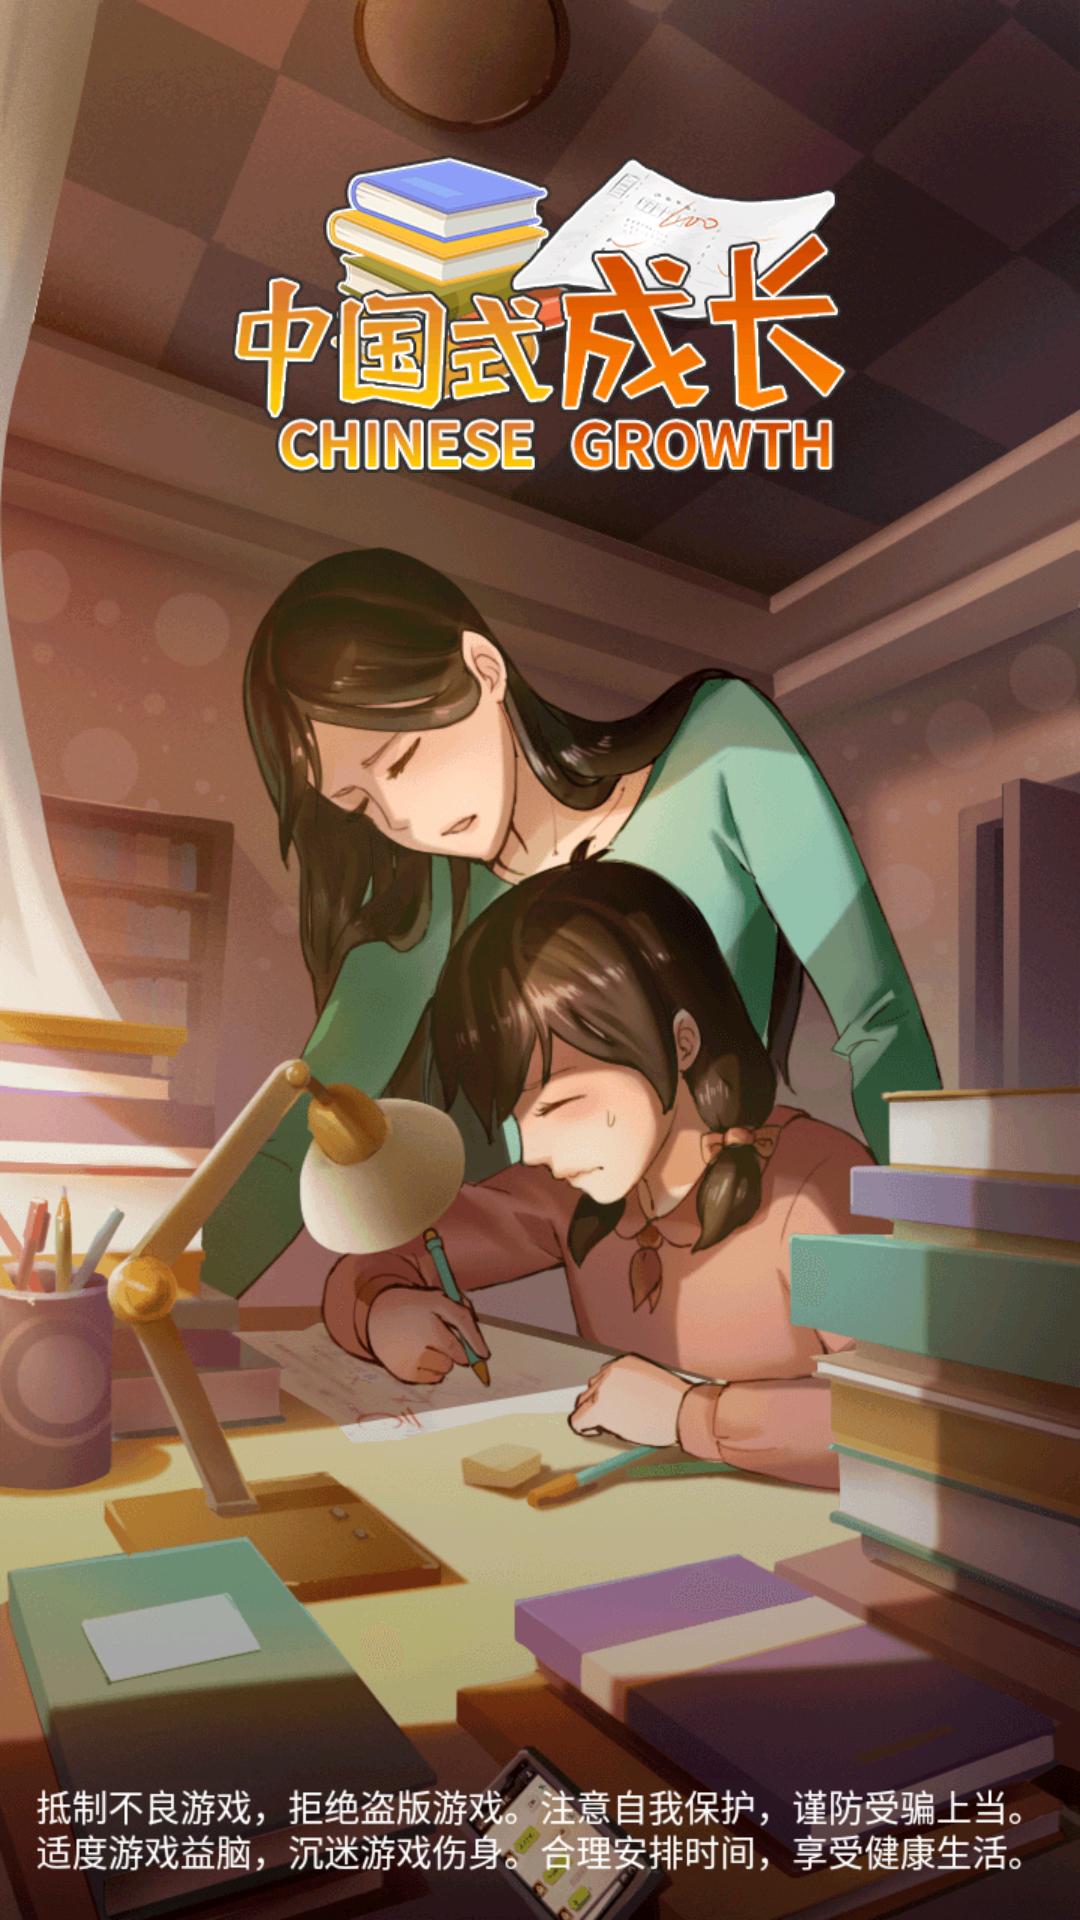 中国式成长破解版(1)